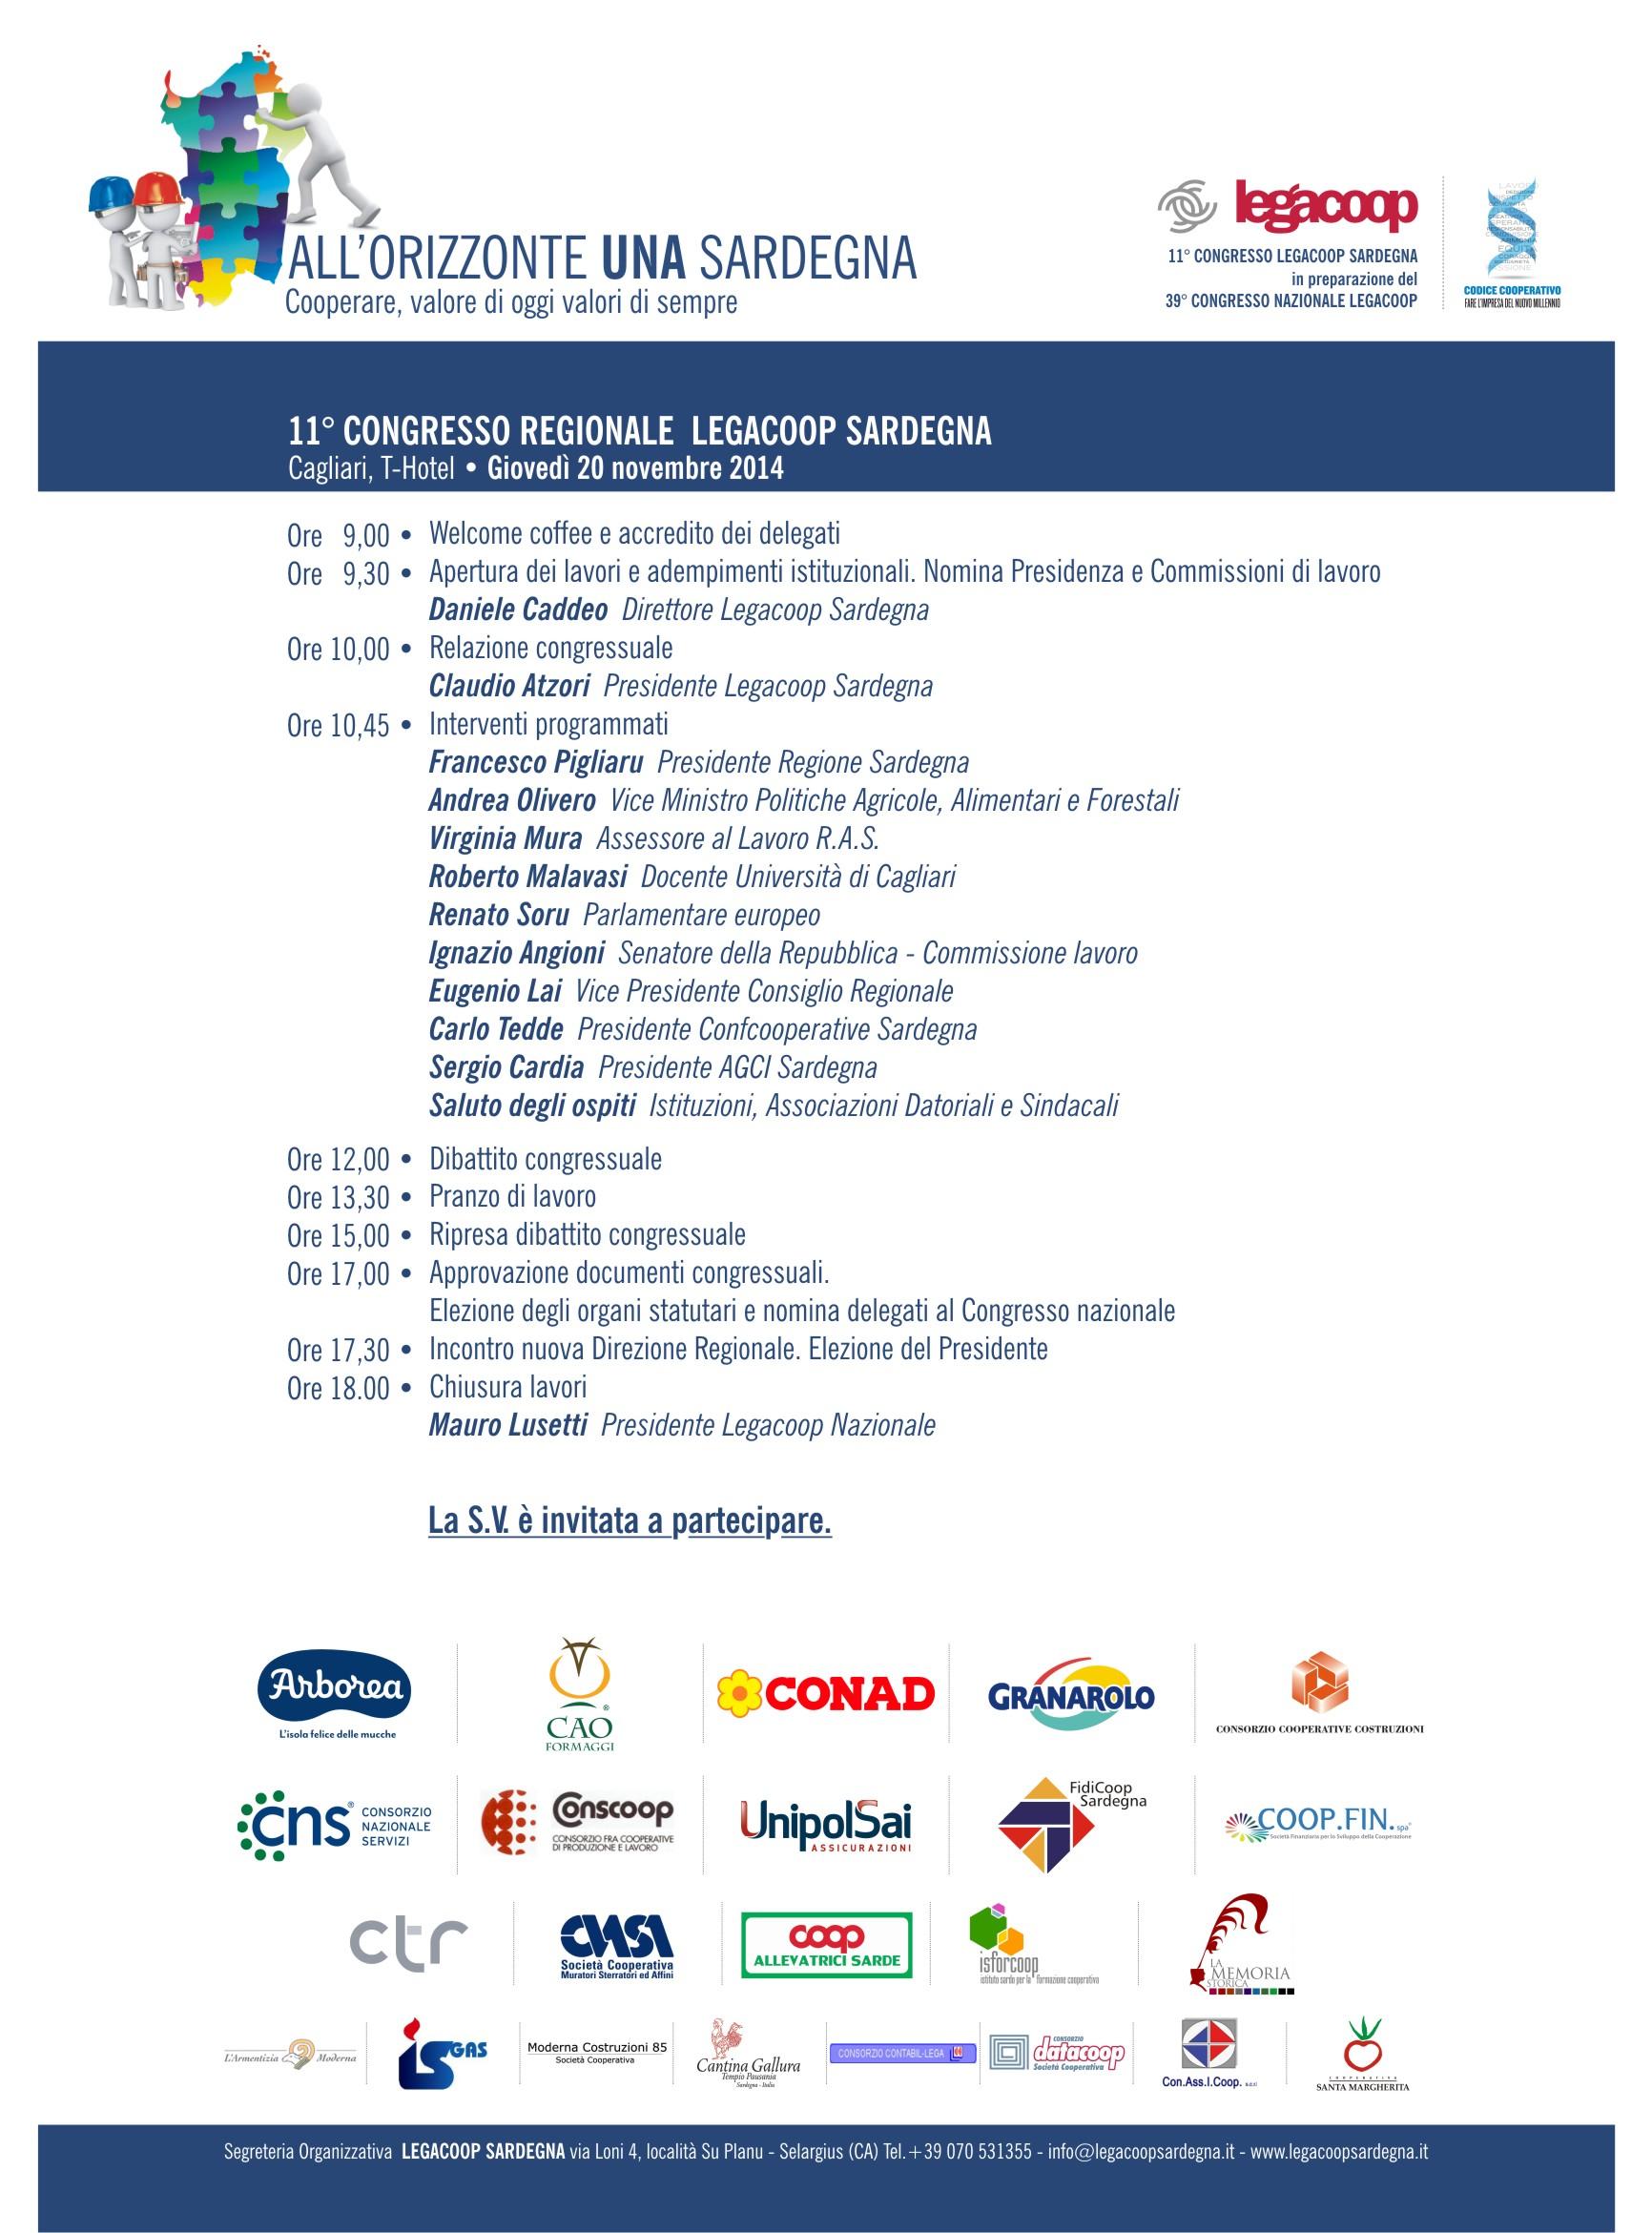 Il Programma del Congresso regionale di Legacoop ...